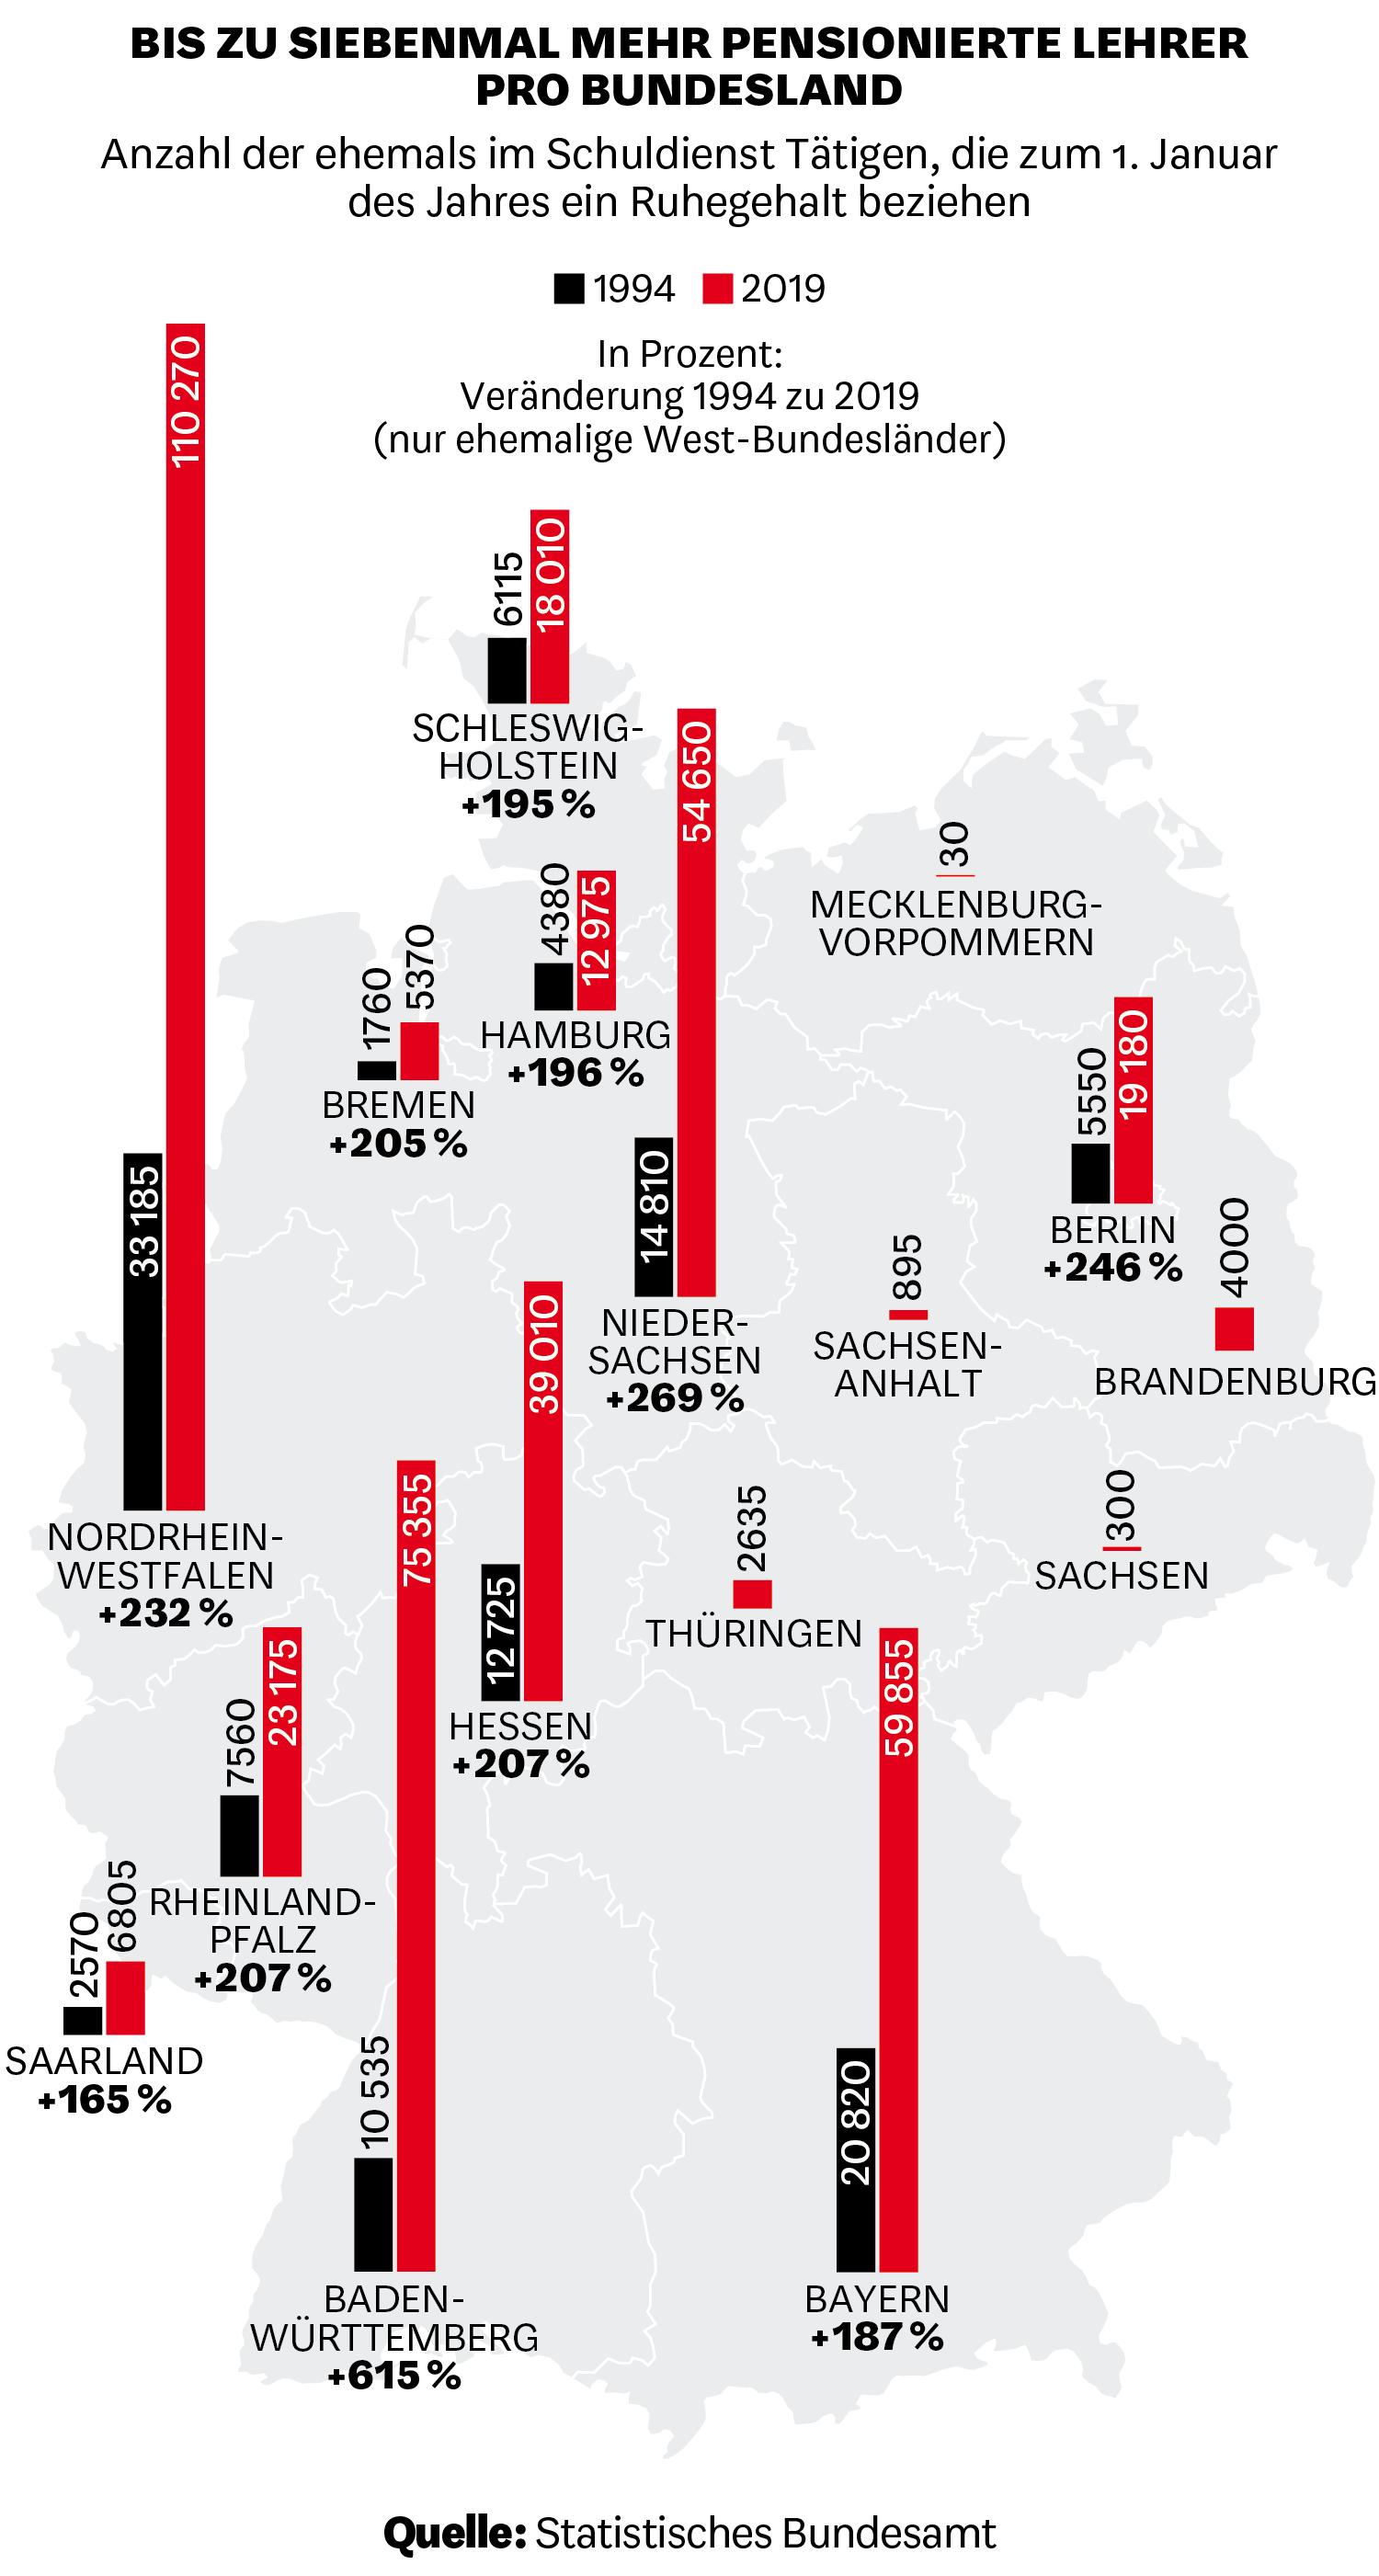 Anzahl der ehemals im Schuldienst Tätigen, die zum 1. Januar des Jahres ein Ruhegehalt beziehen